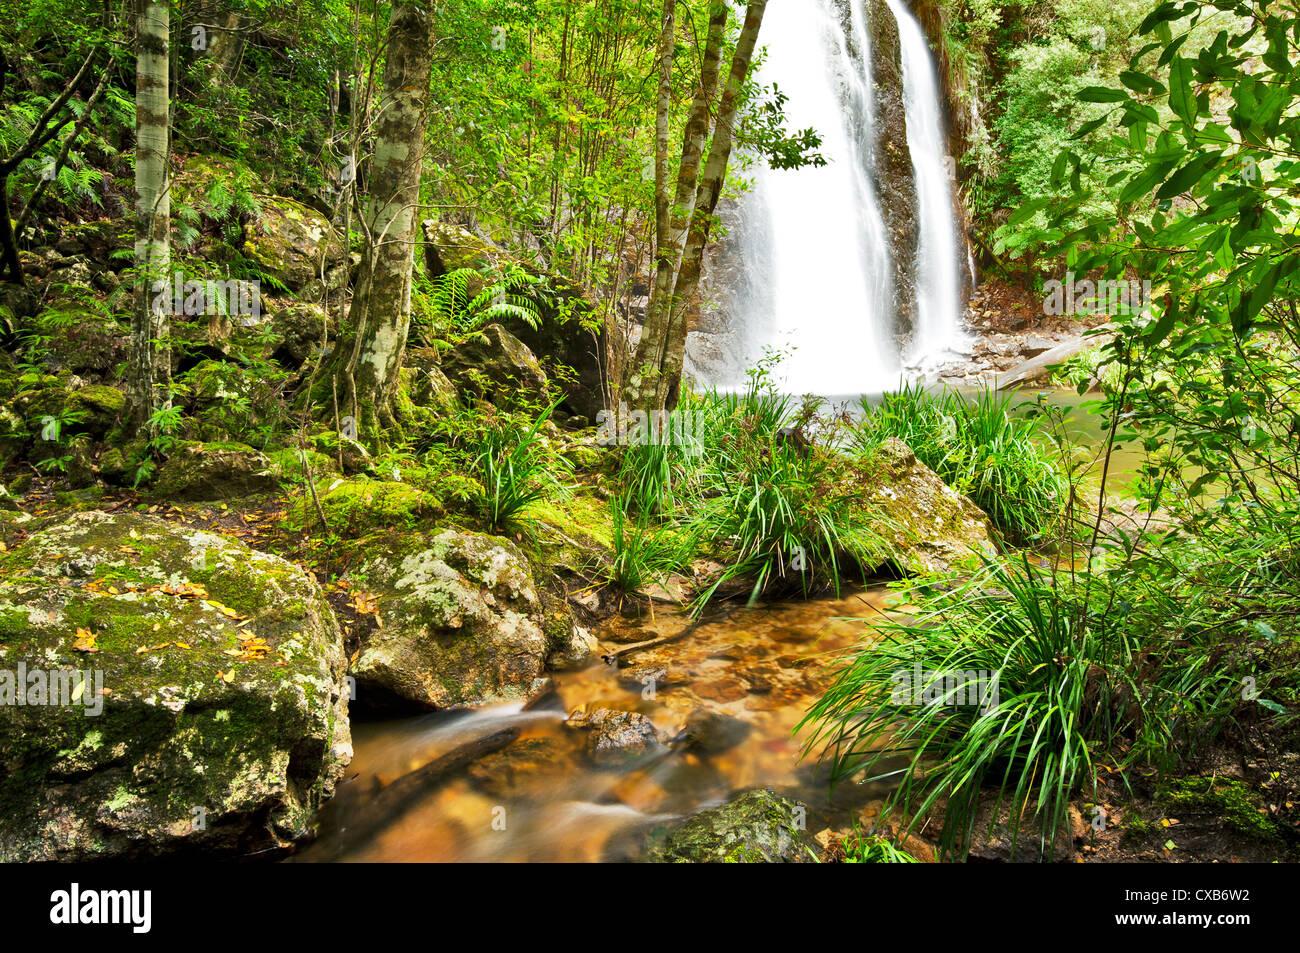 Boundary Falls entouré par la forêt tropicale. Photo Stock